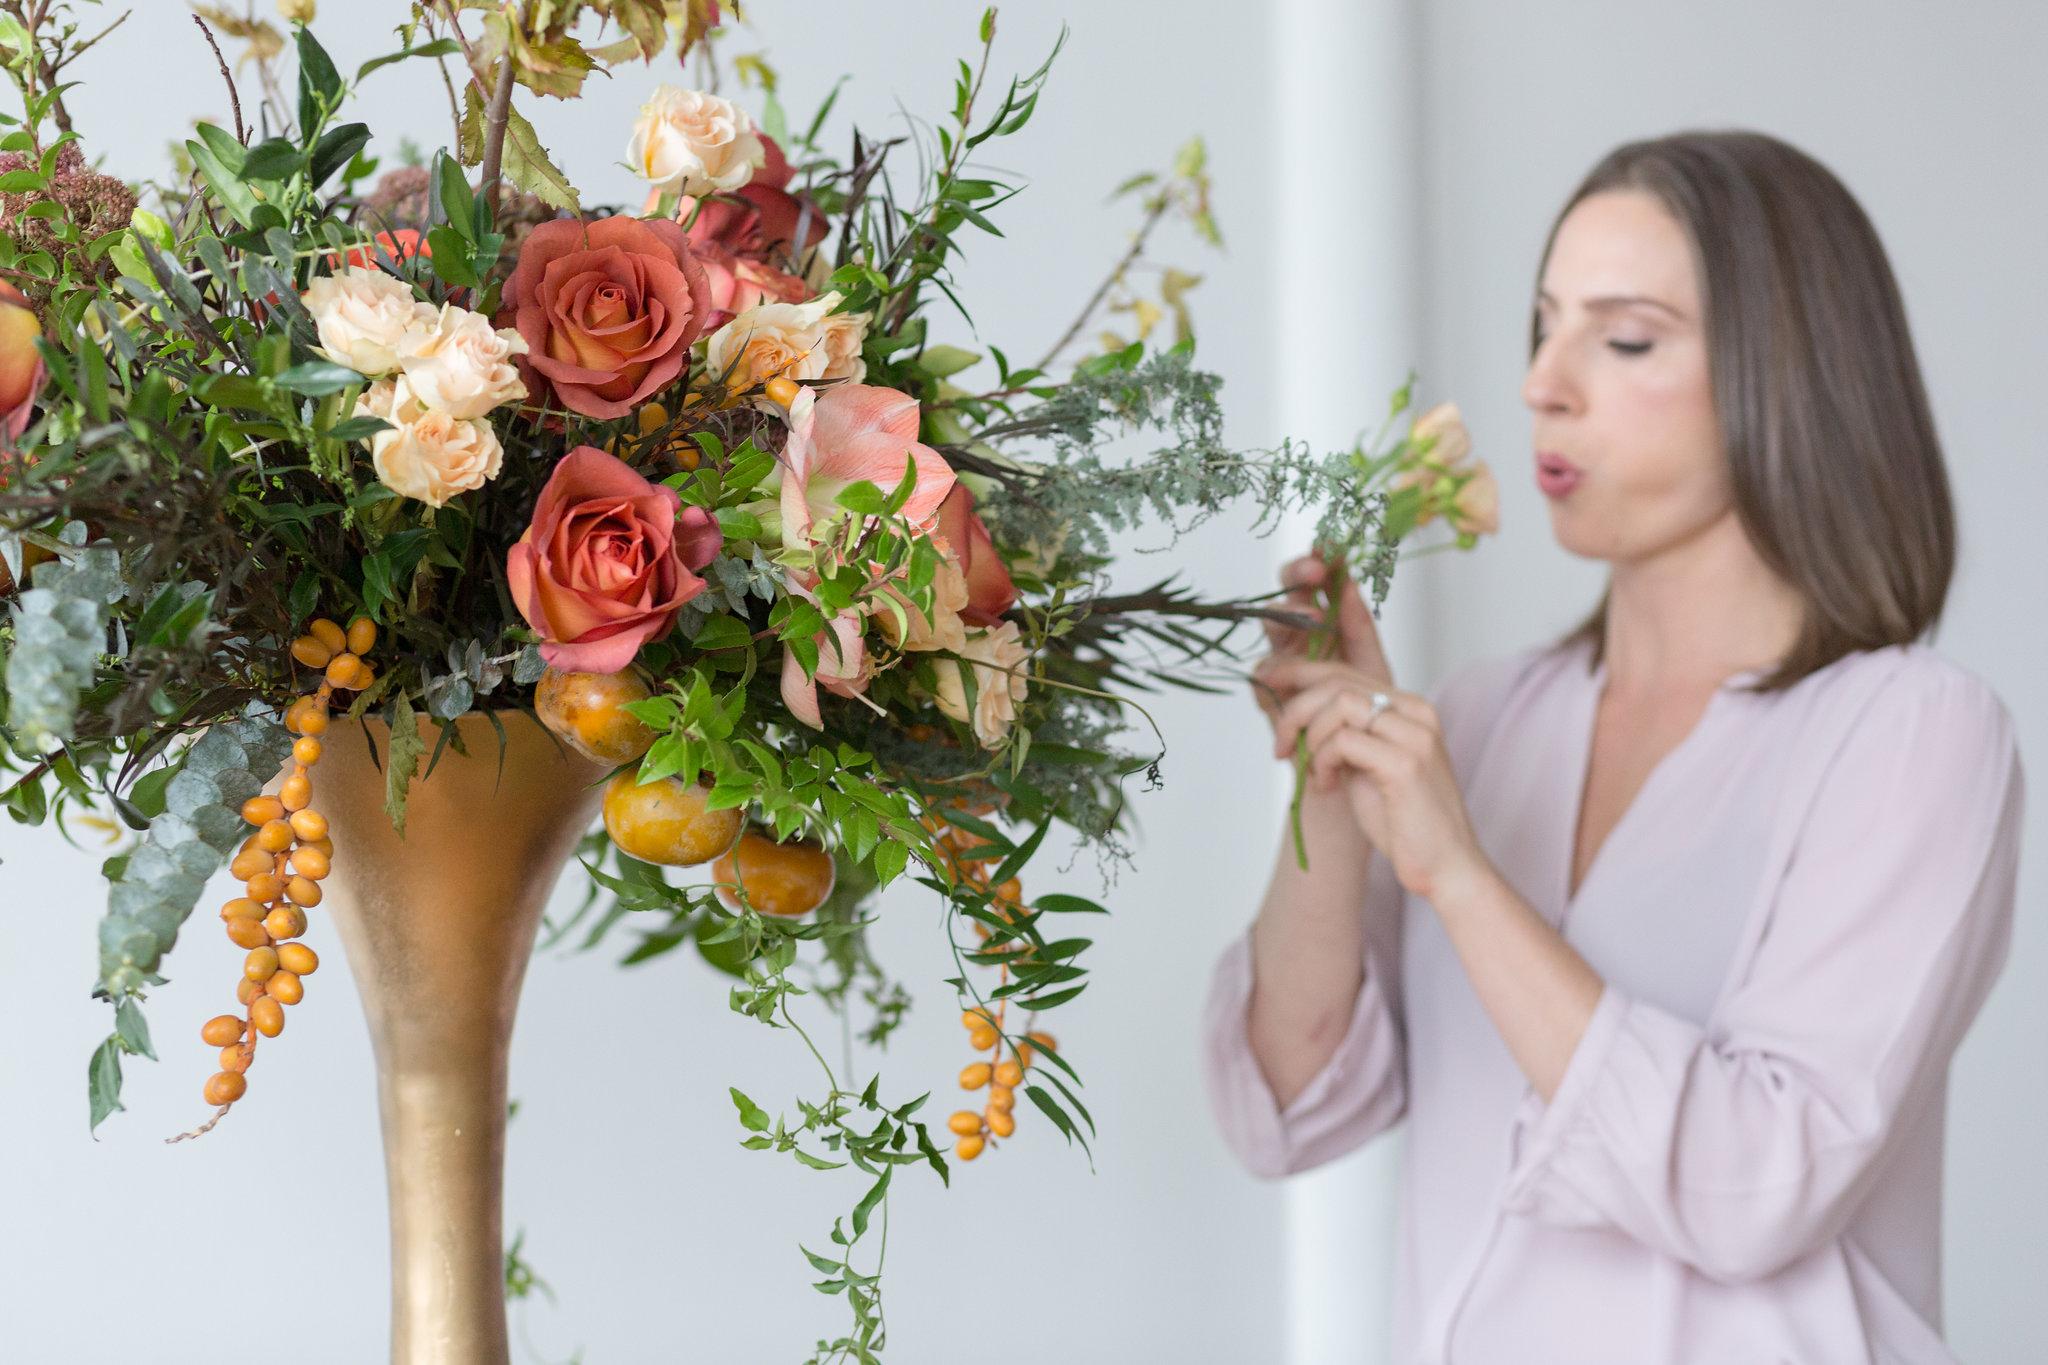 La-Rue-Floral-108.jpg